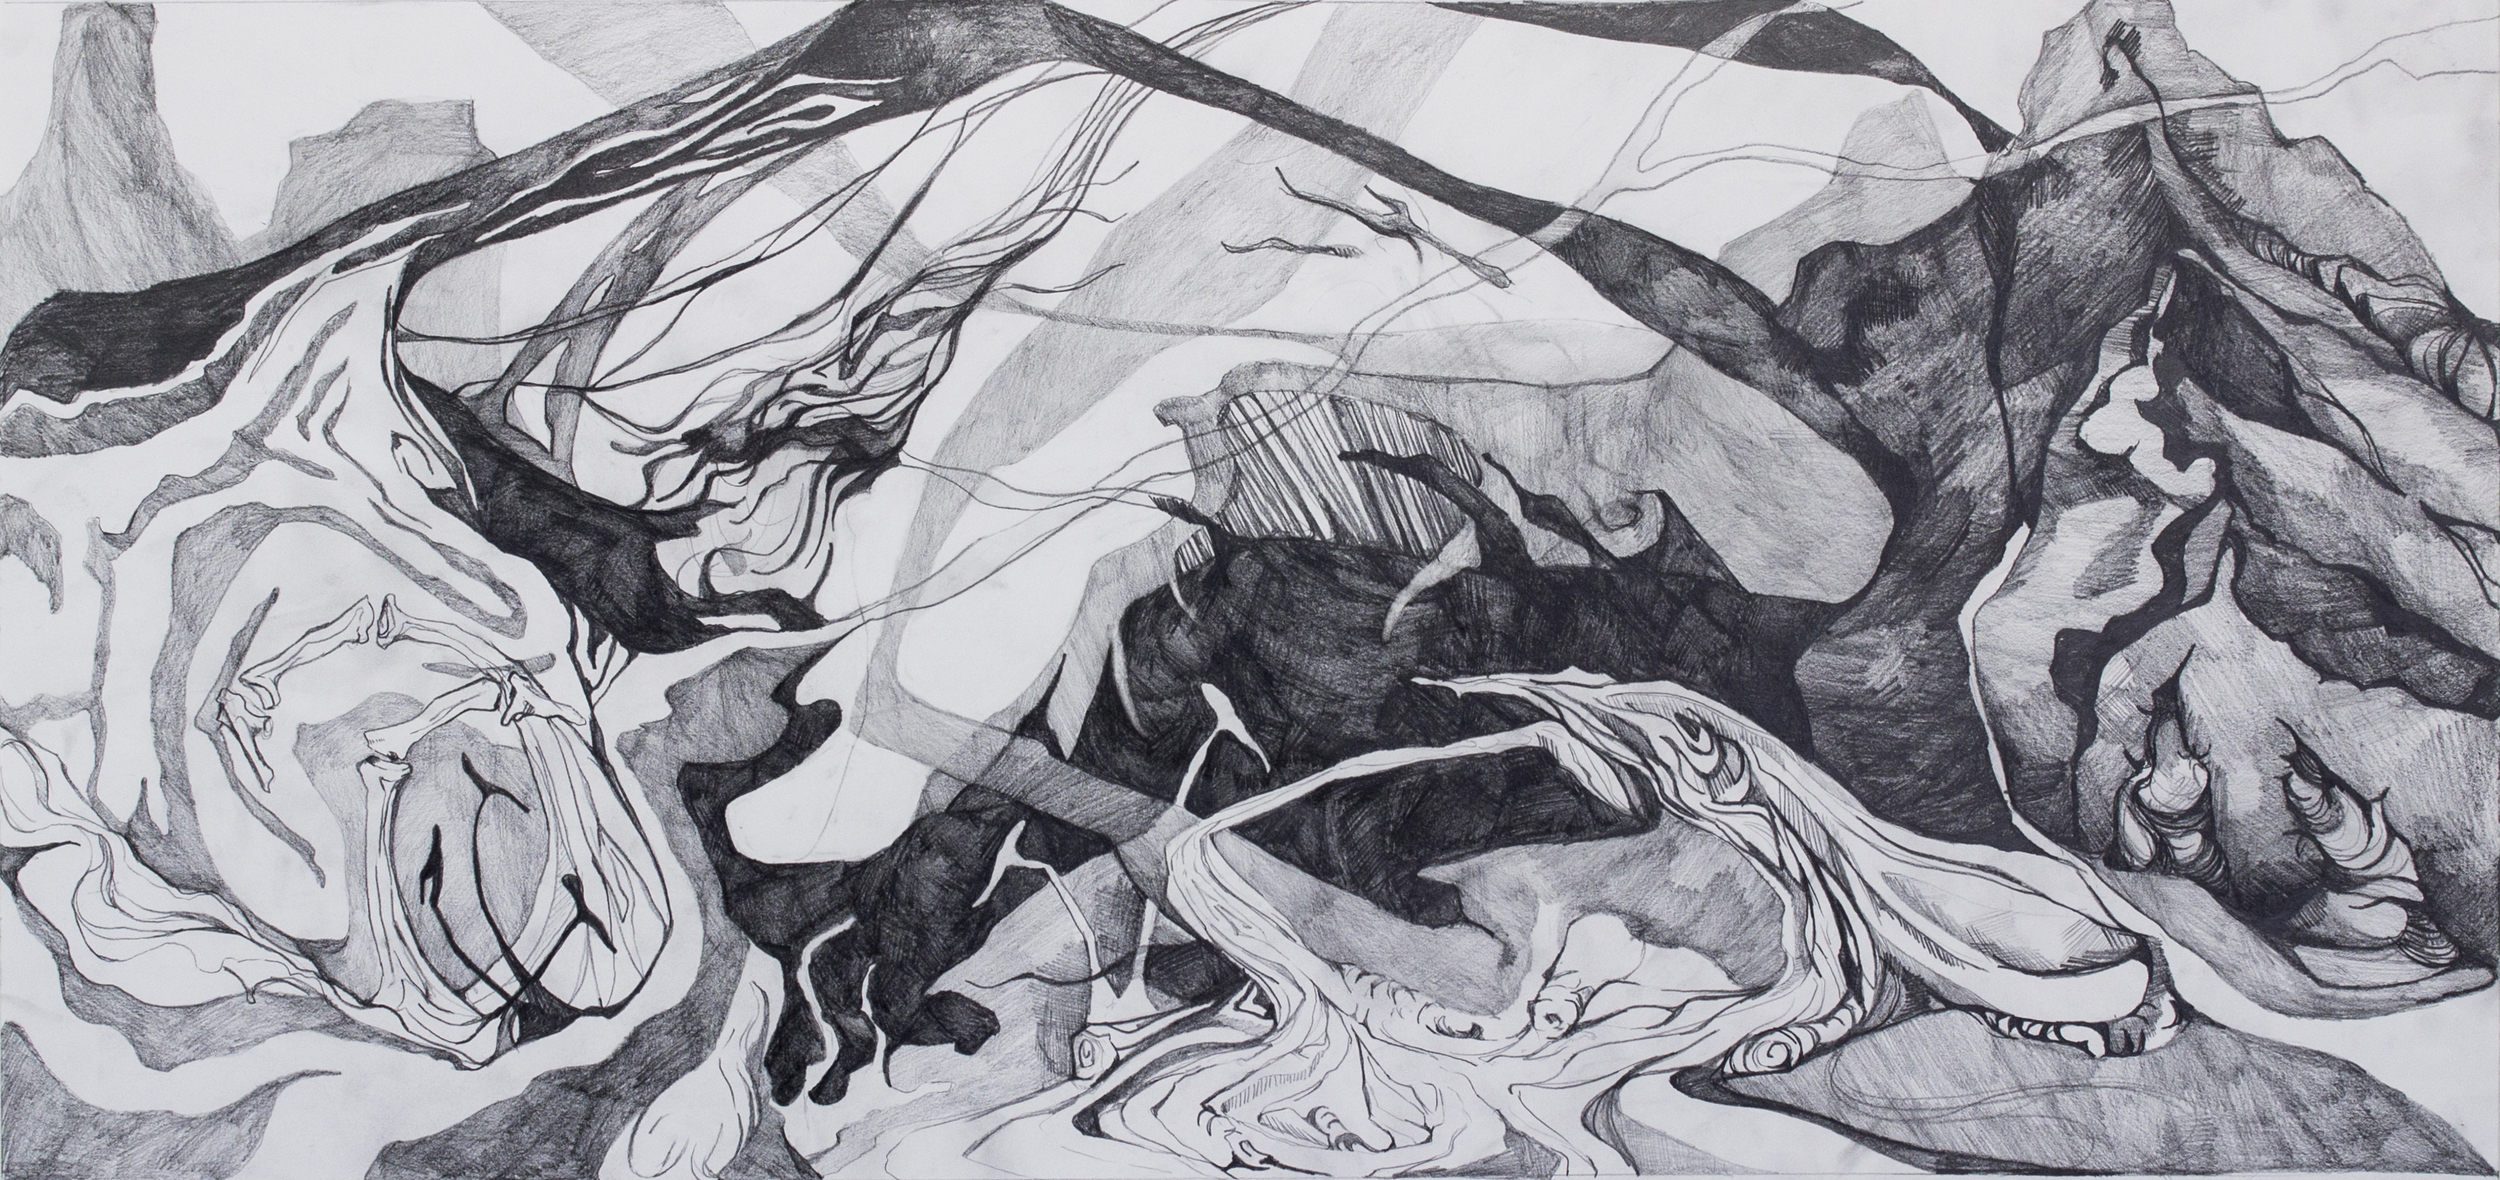 Dystopian Landscape (sketch)